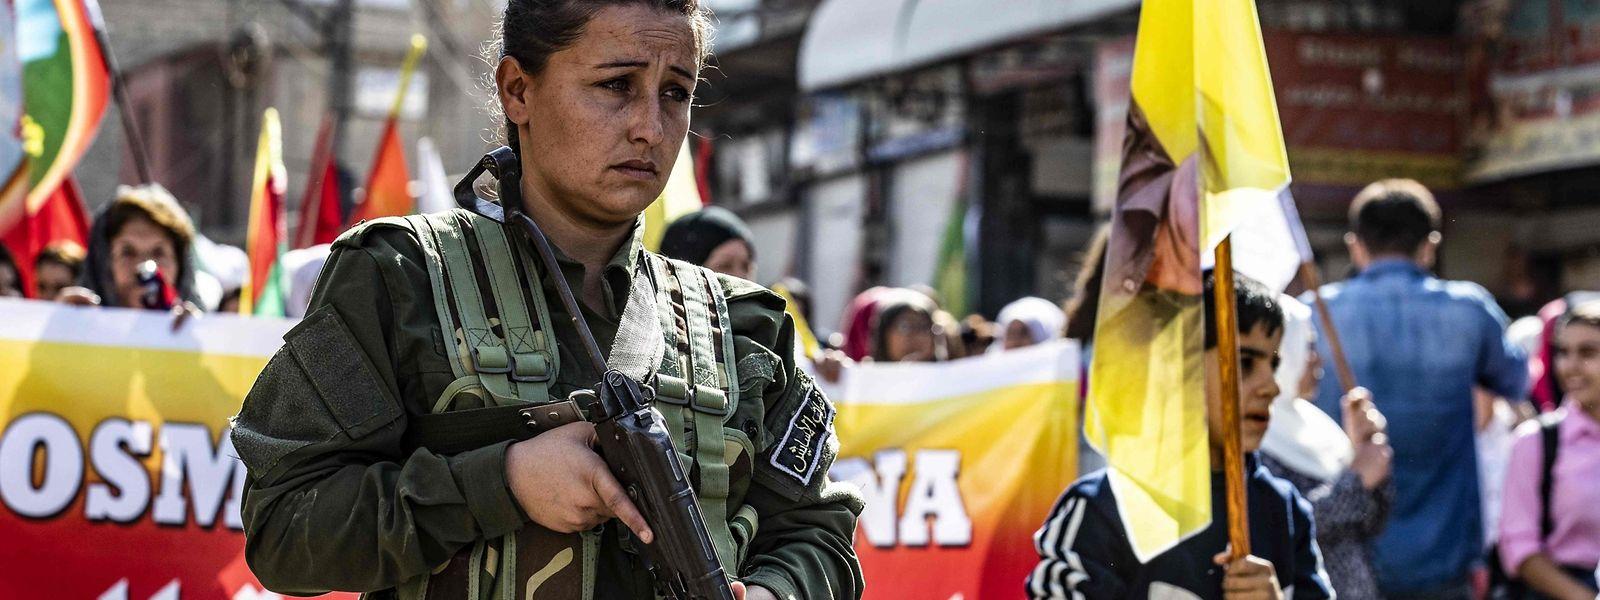 Mitglieder einer syrischen Kurdenmiliz protestierten gegen Trumps Ankündigung.